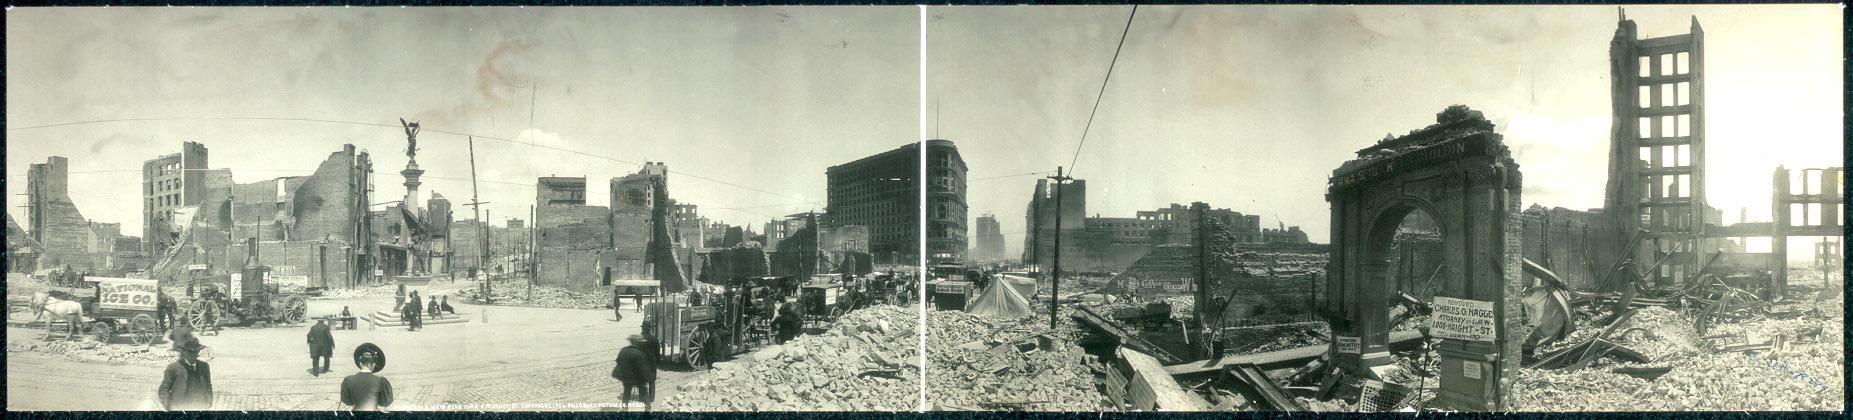 Панорама Сан-Франциско после землетрясения . 1906